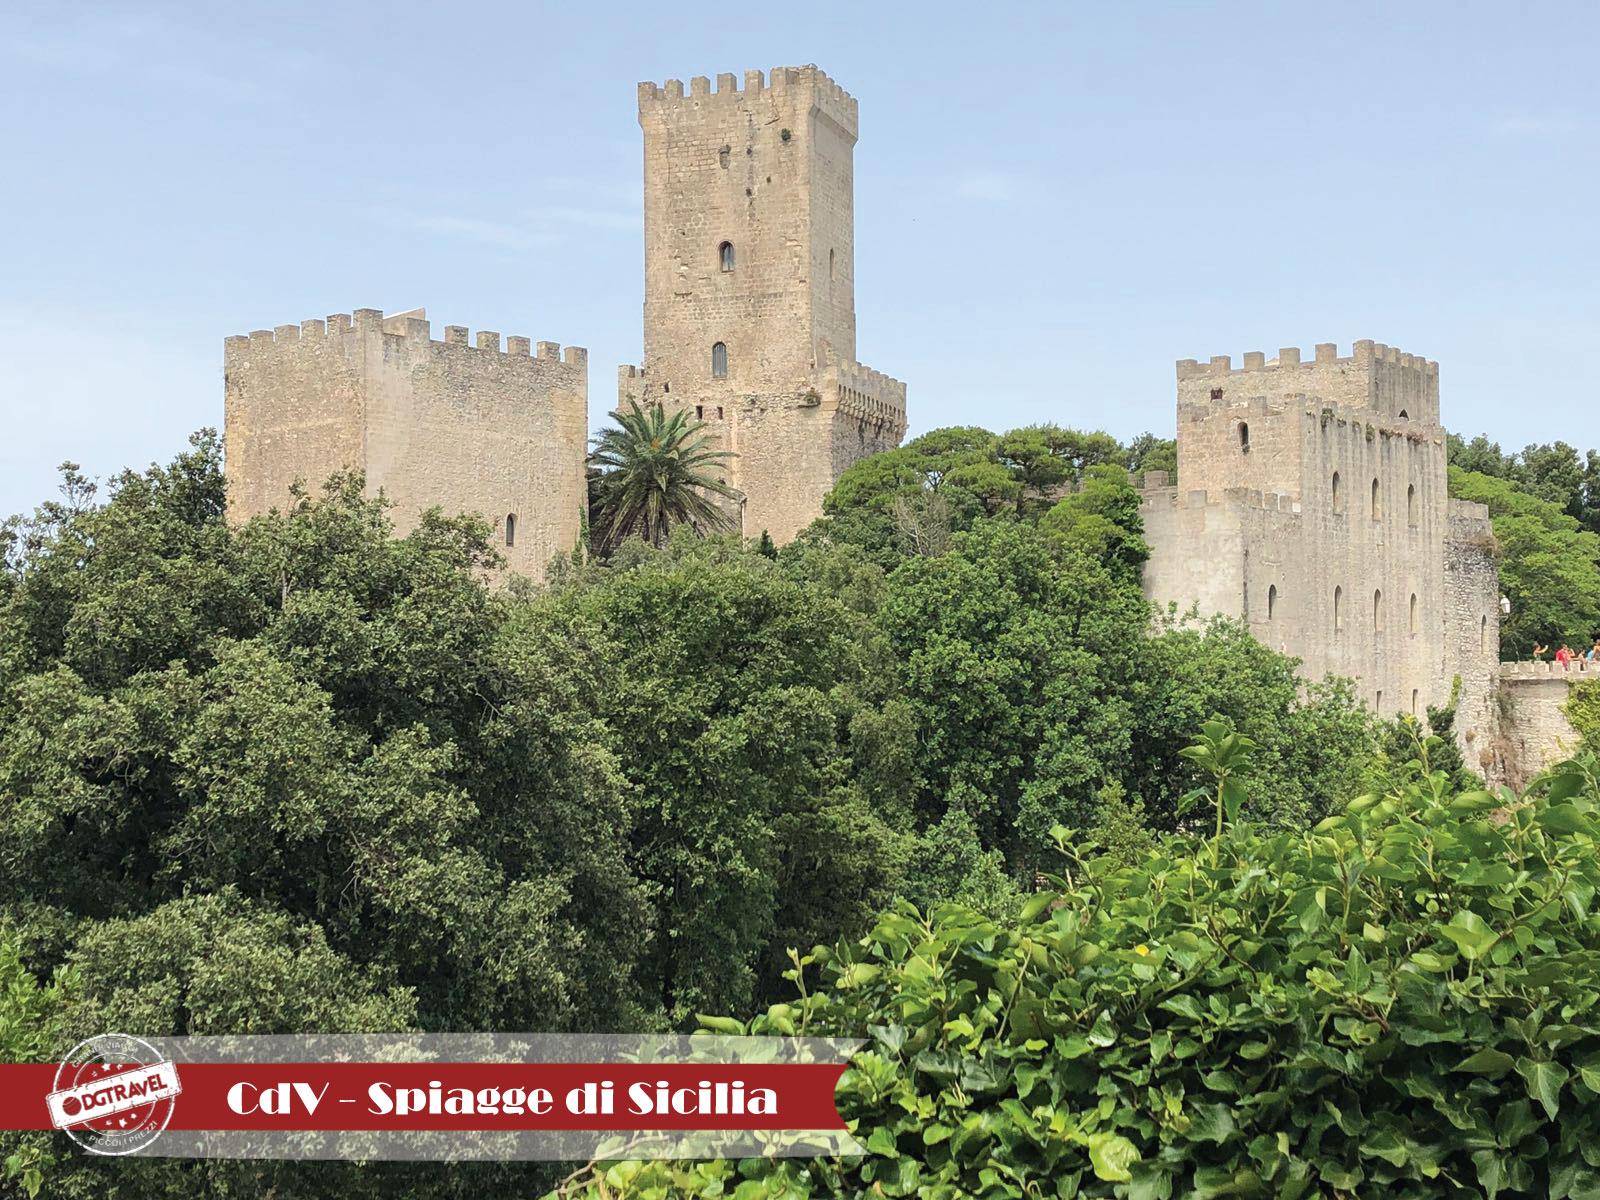 Spiagge di Sicilia castello 2